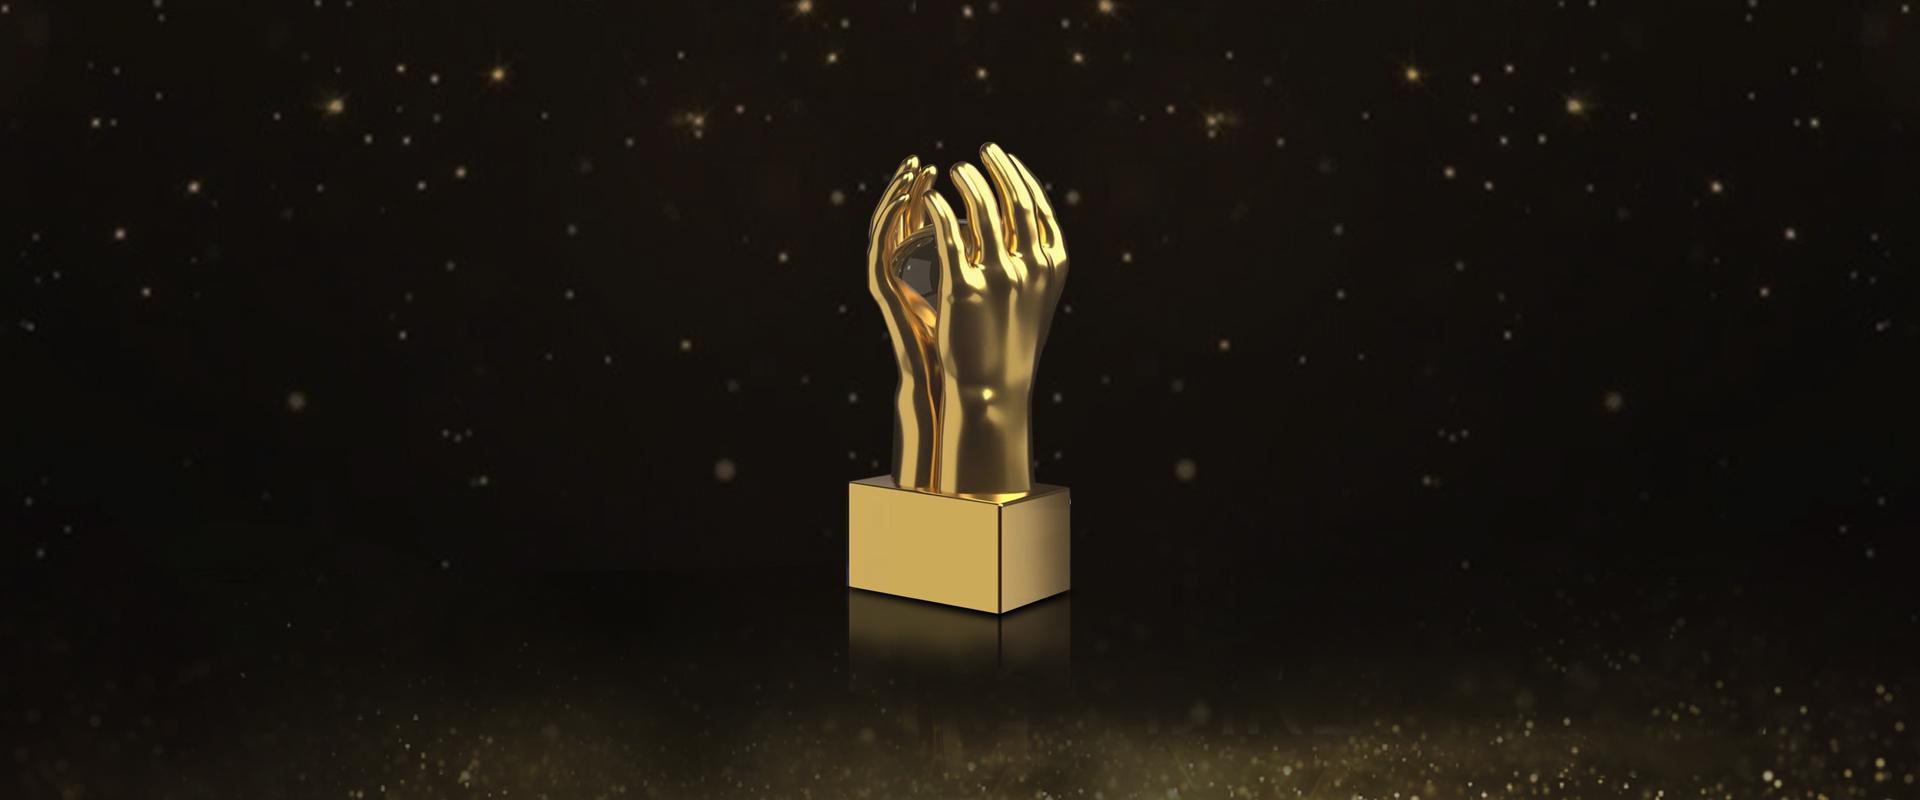 טקס פרסי האקדמיה לטלוויזיה